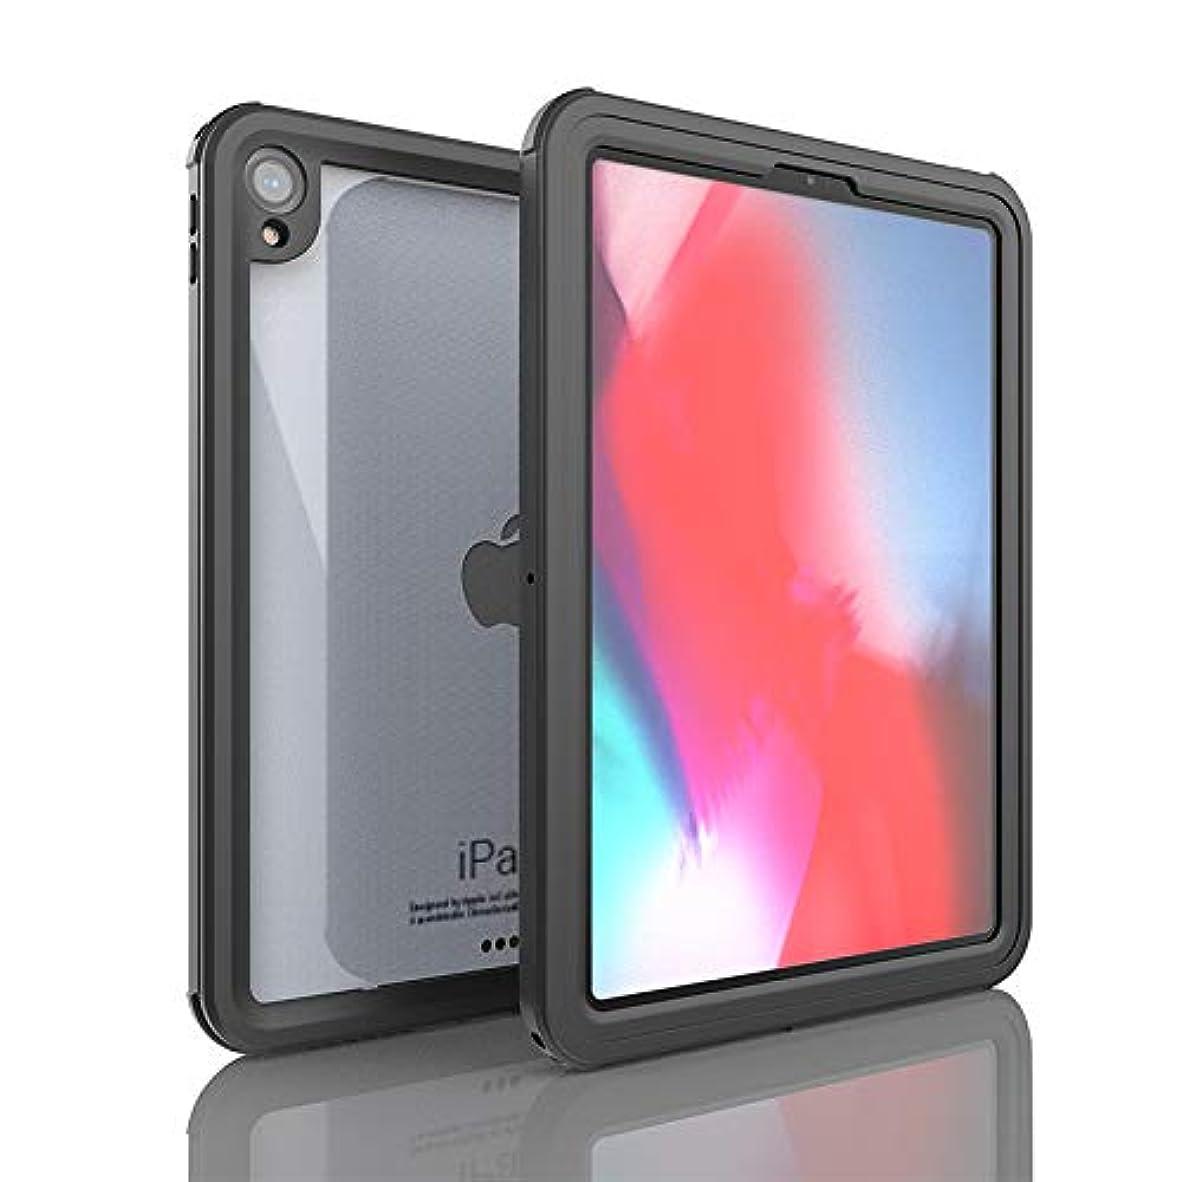 前置詞境界接辞iPad Pro 11 防水ケース (2018) iThrough IP68 水中ケース iPad Pro 11用 高耐久 衝撃 雨 雪 埃 保護ケース スリムカバー ストラップ付き ブラック ITGH368B